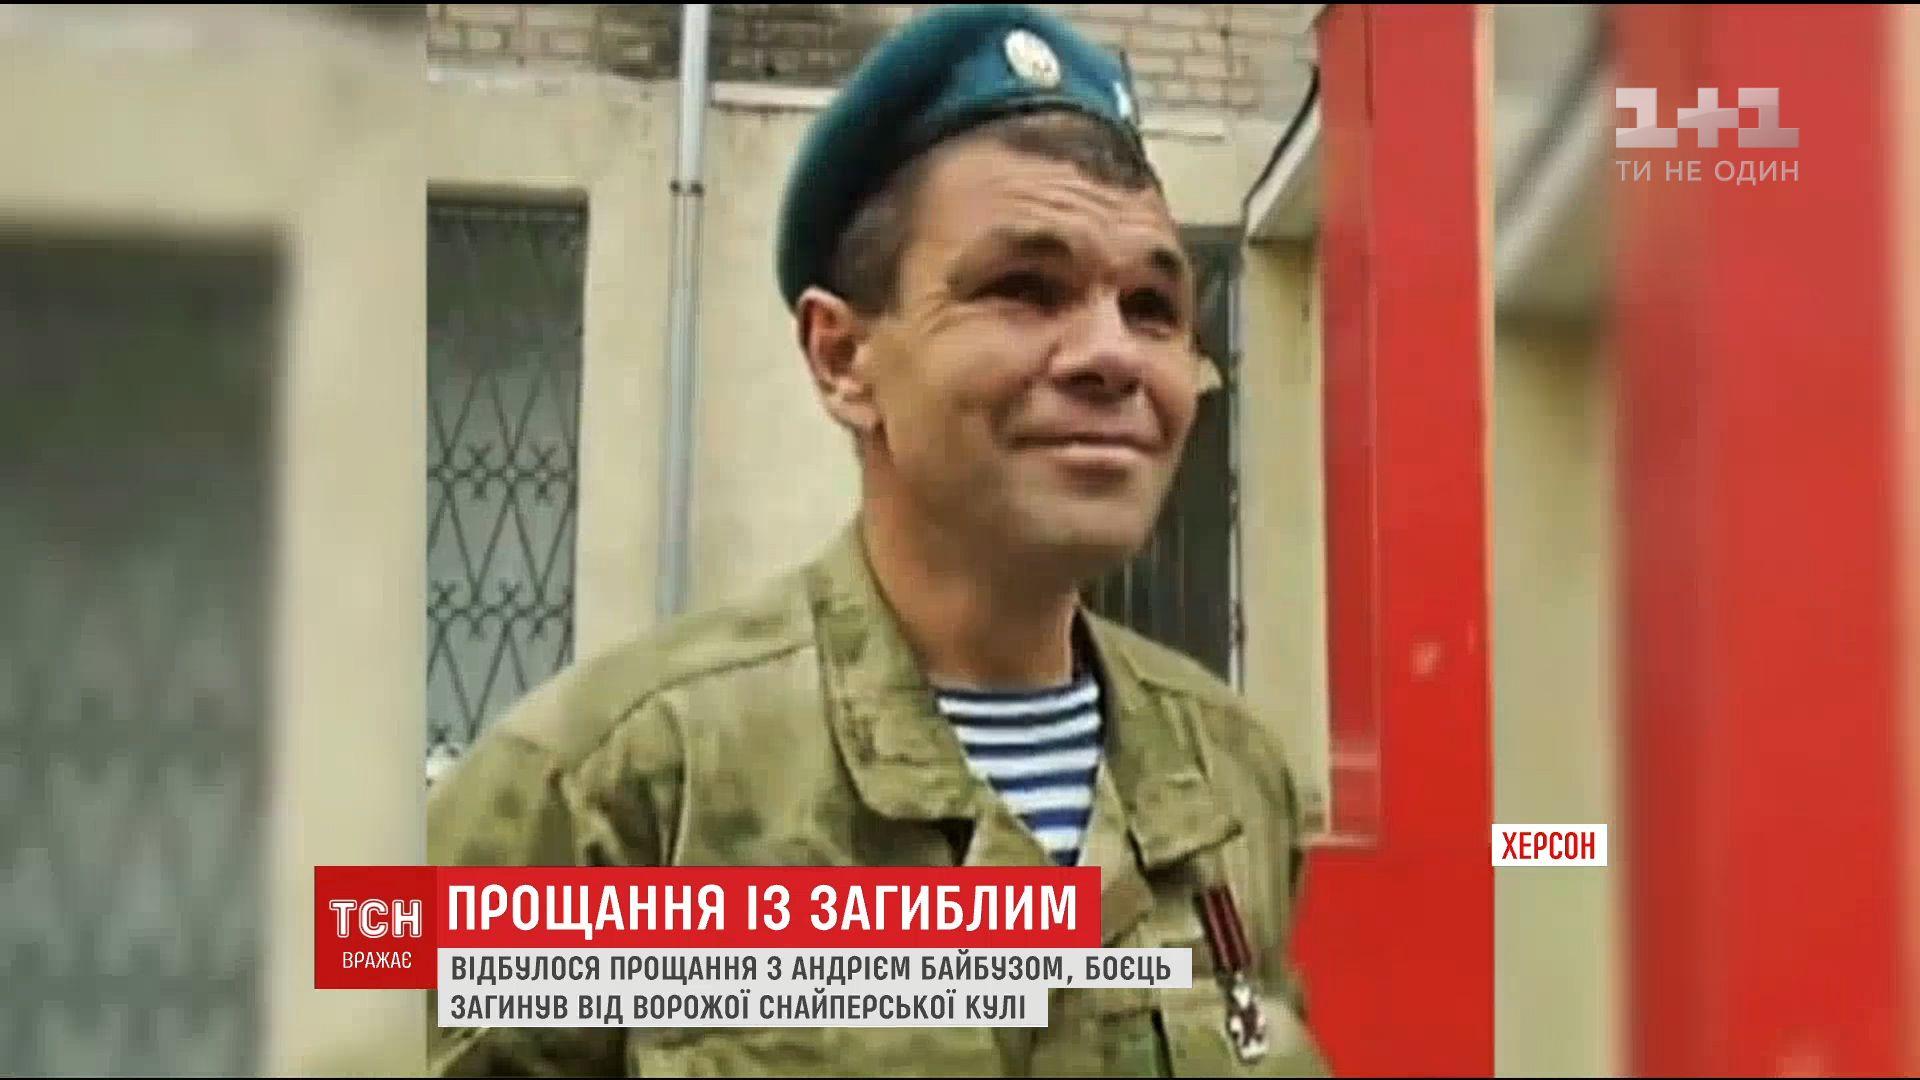 Во время ожесточенного боя Андрей был ранен в обе ноги / скриншот